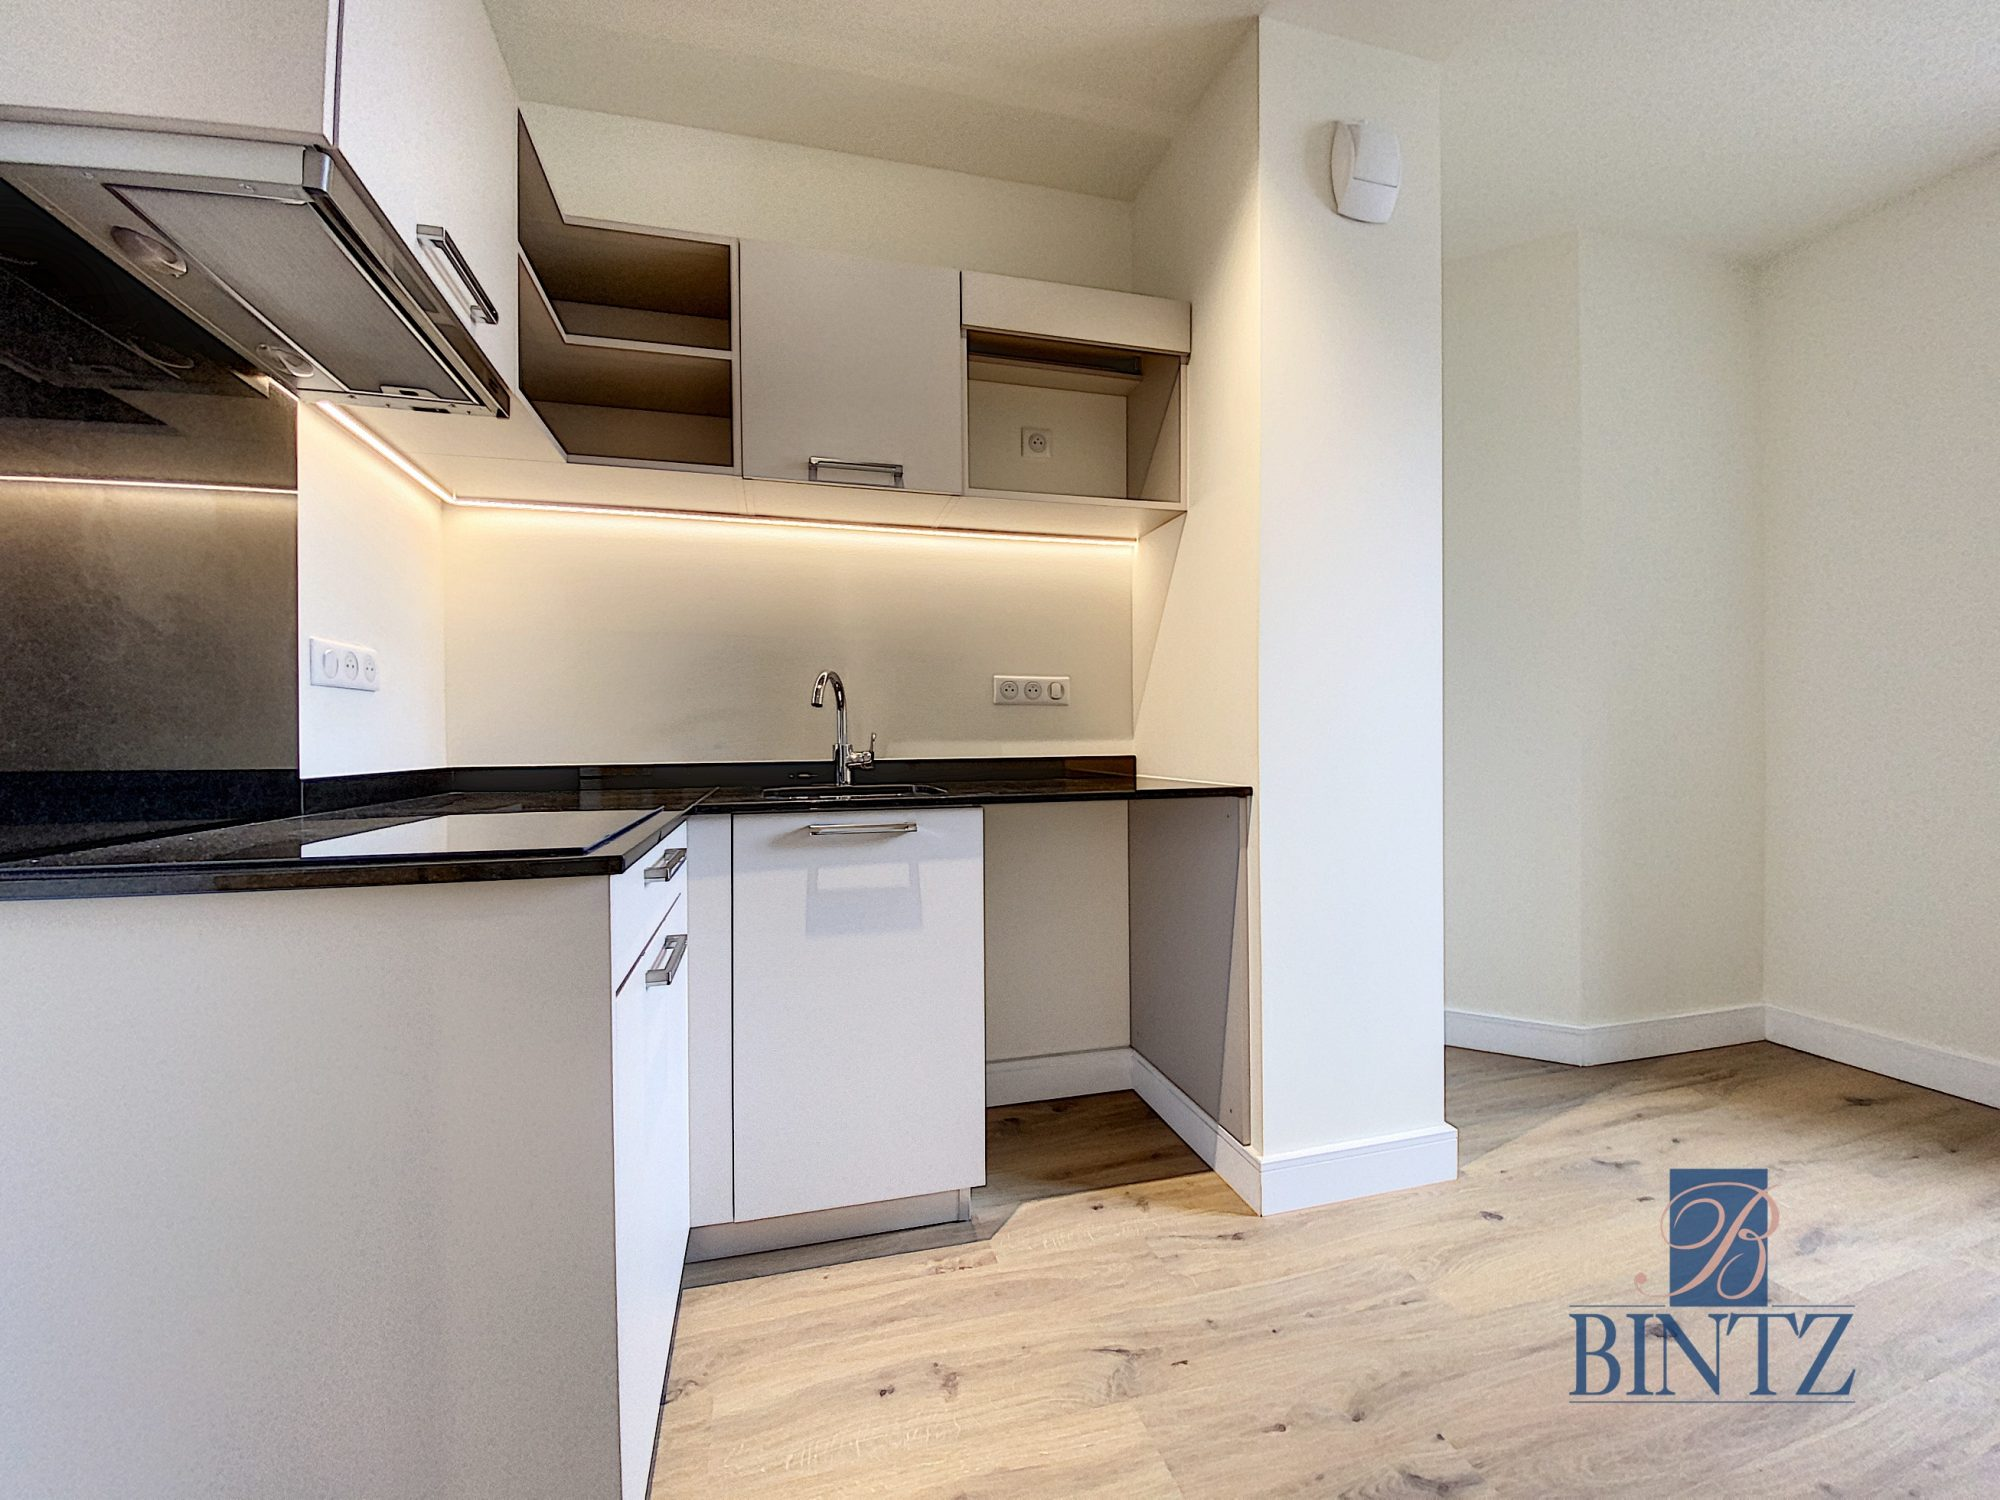 2 Pièces neuf avec balcon - Devenez locataire en toute sérénité - Bintz Immobilier - 10